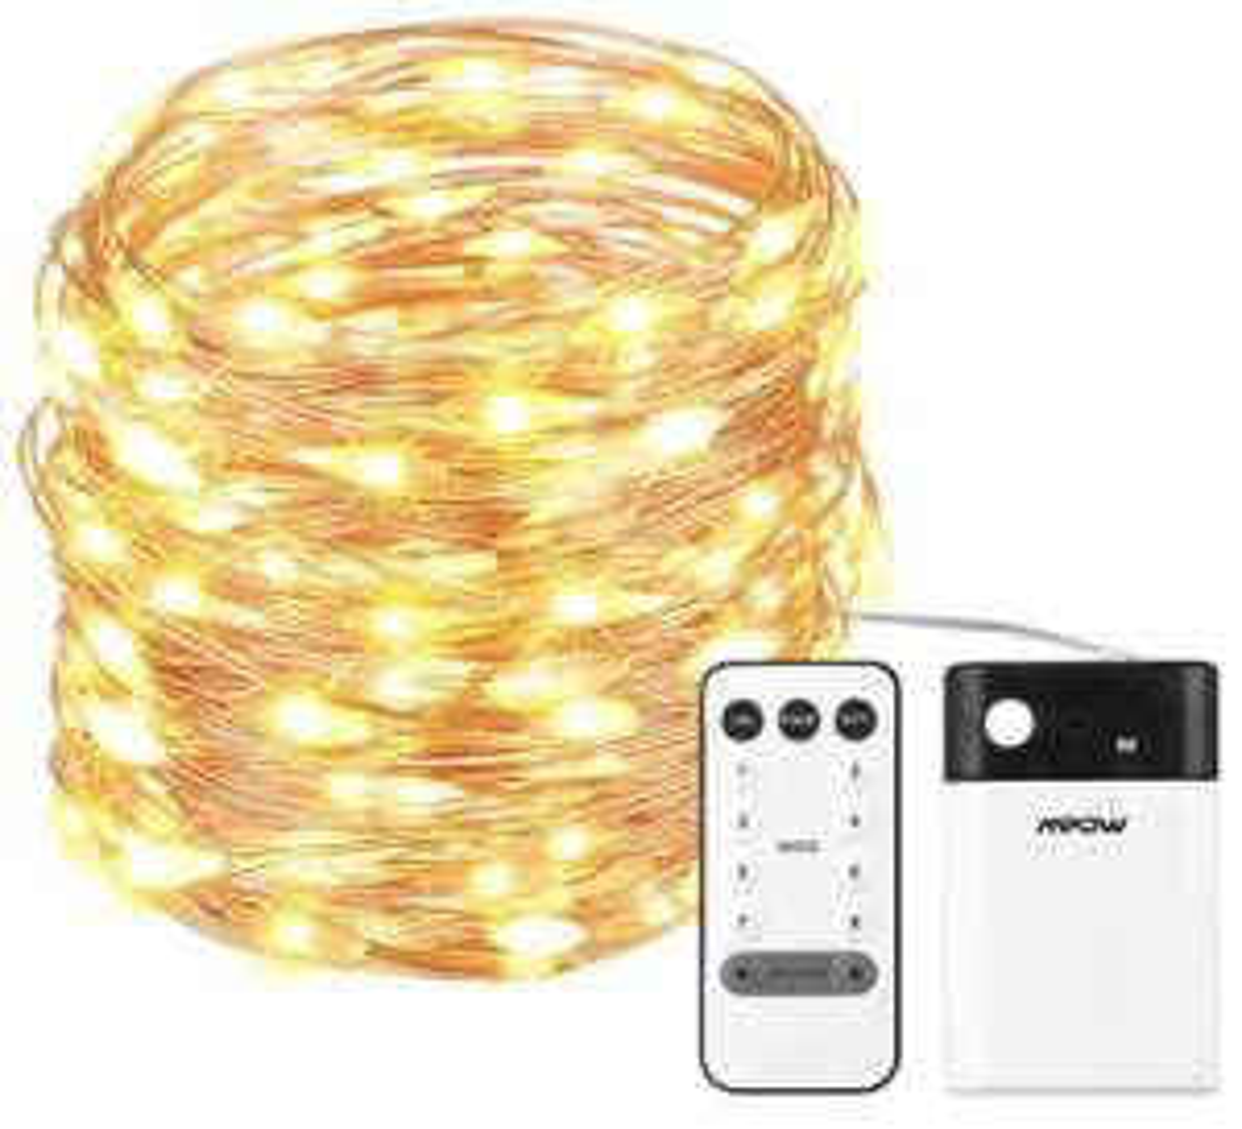 Antizyklisch Kaufen: Mpow 10m Lichterkette mit 100 LEDs (warmweiß / kaltweiß) um 6,,96€